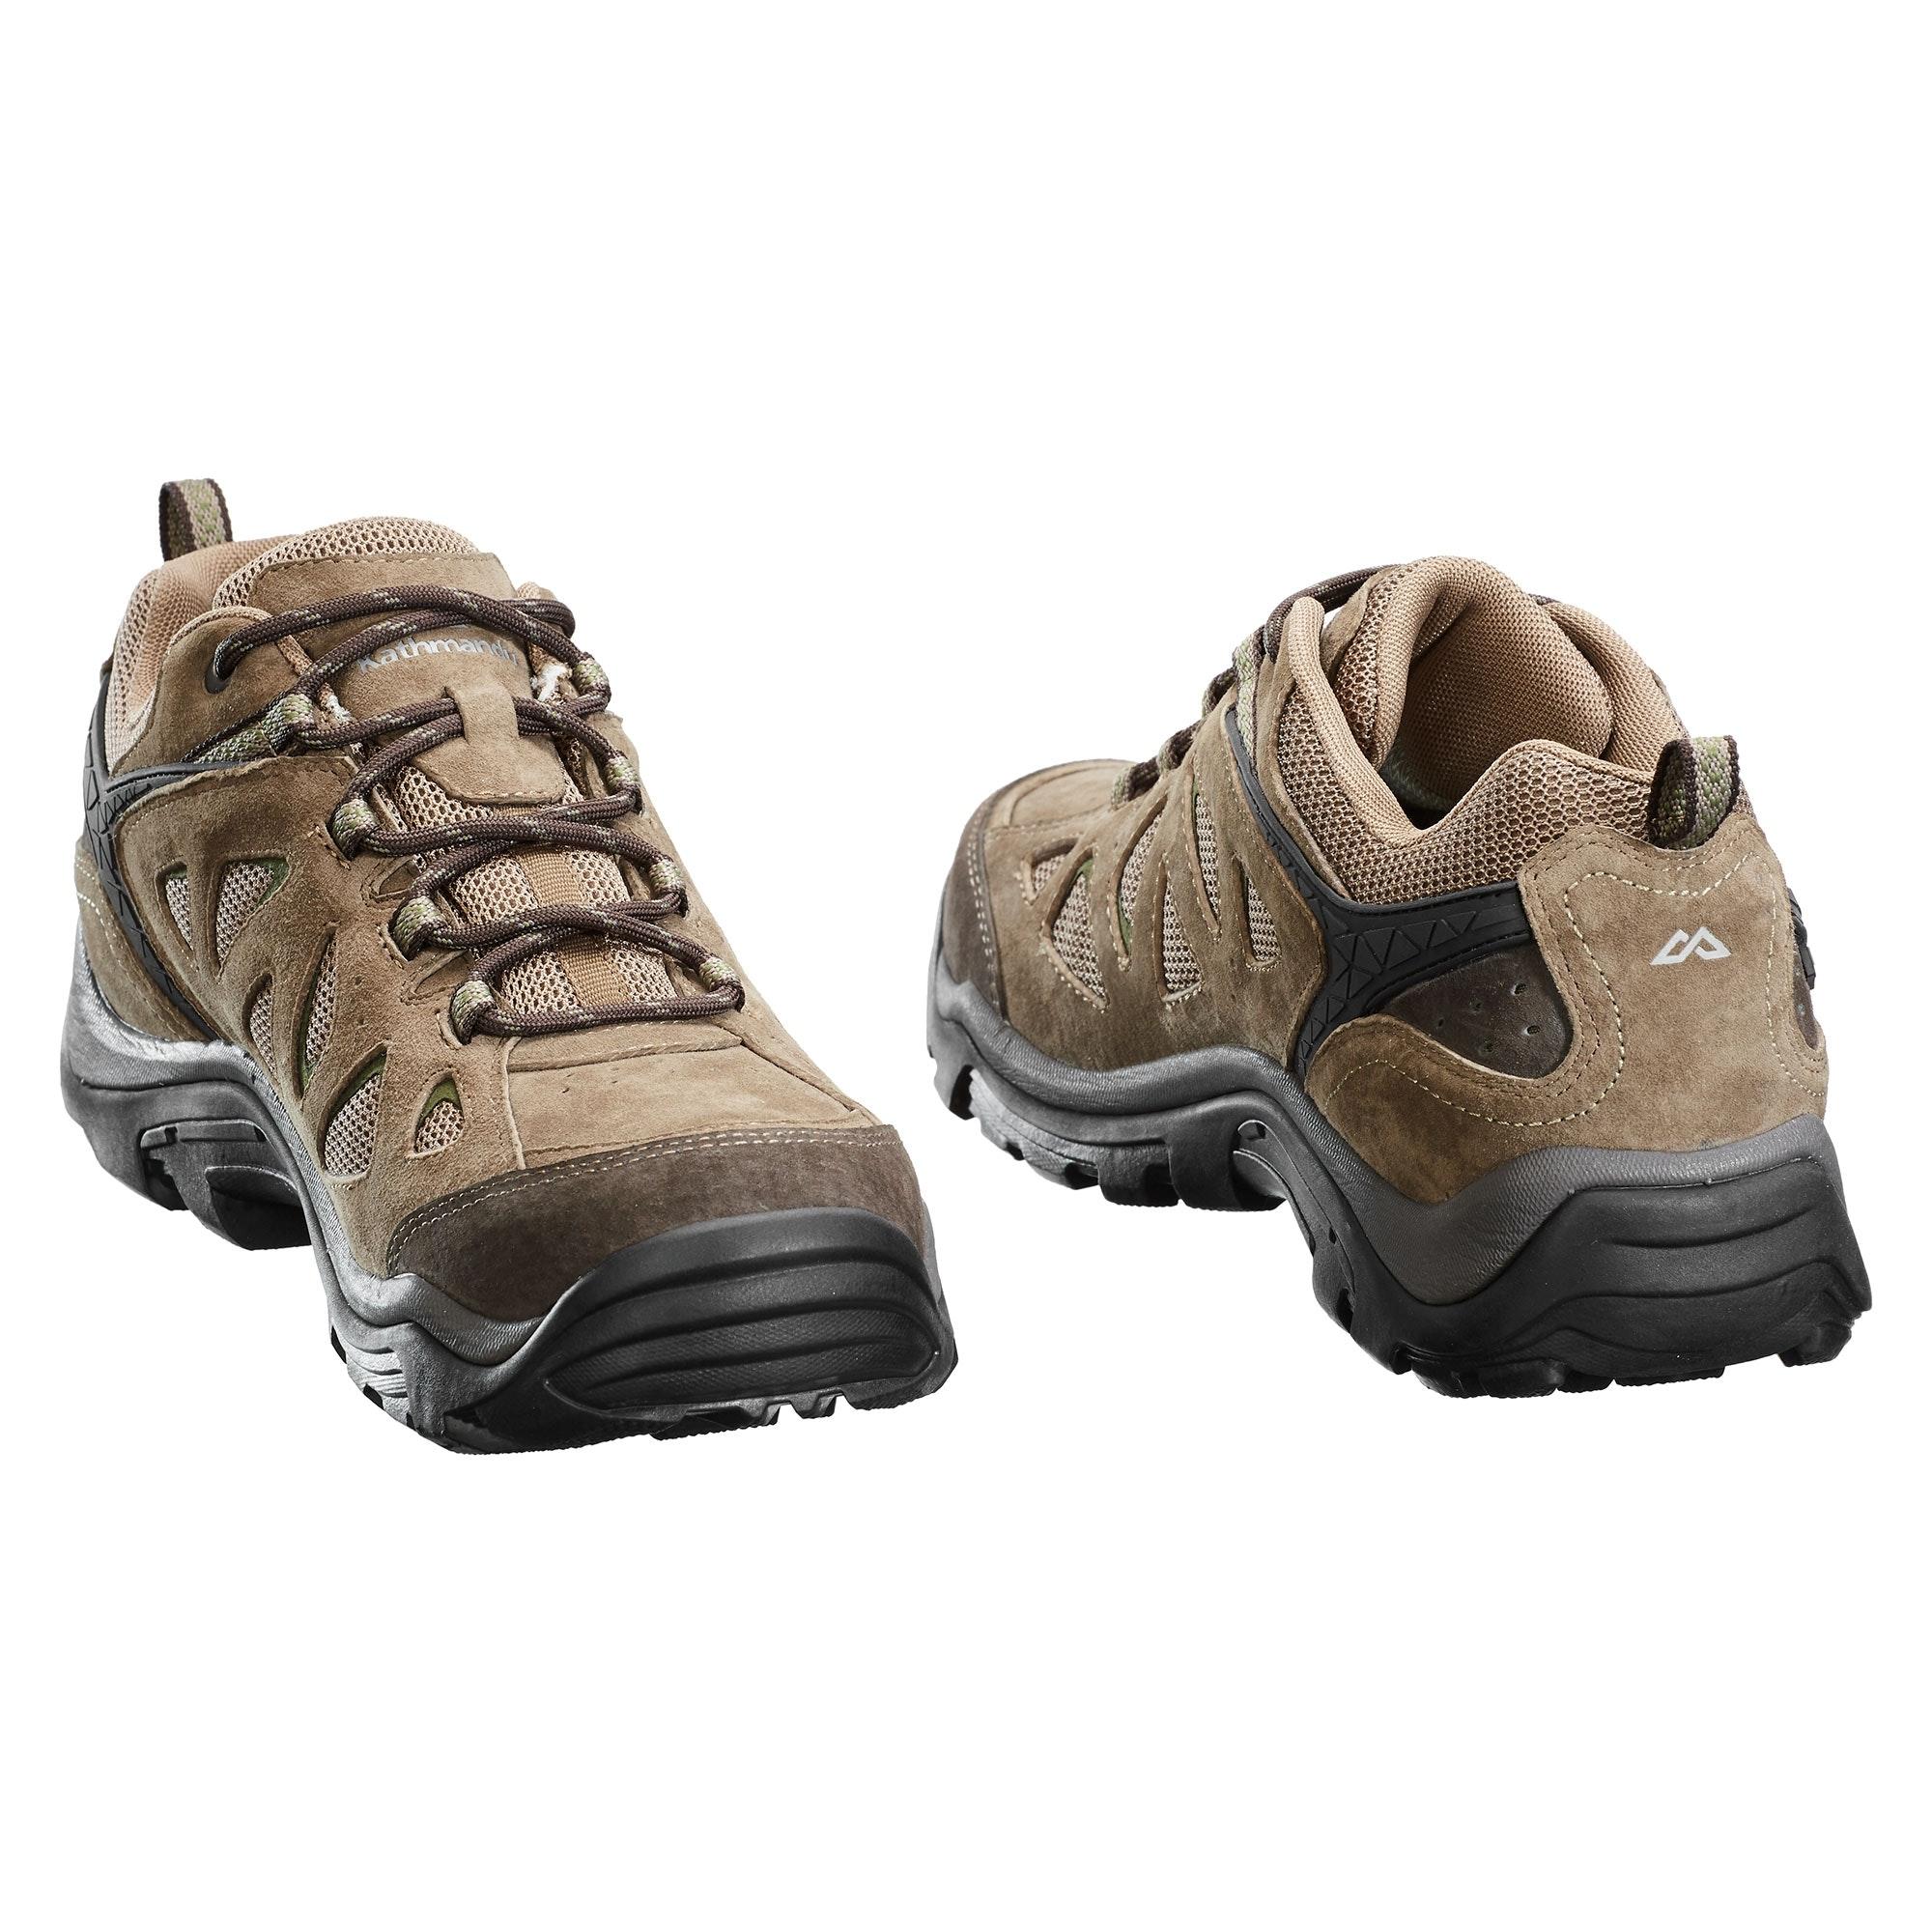 NEW-Kathmandu-Sandover-Men-ngx-Hiking-Shoes-Waterproof-Breathable-Liner-Vibram thumbnail 12